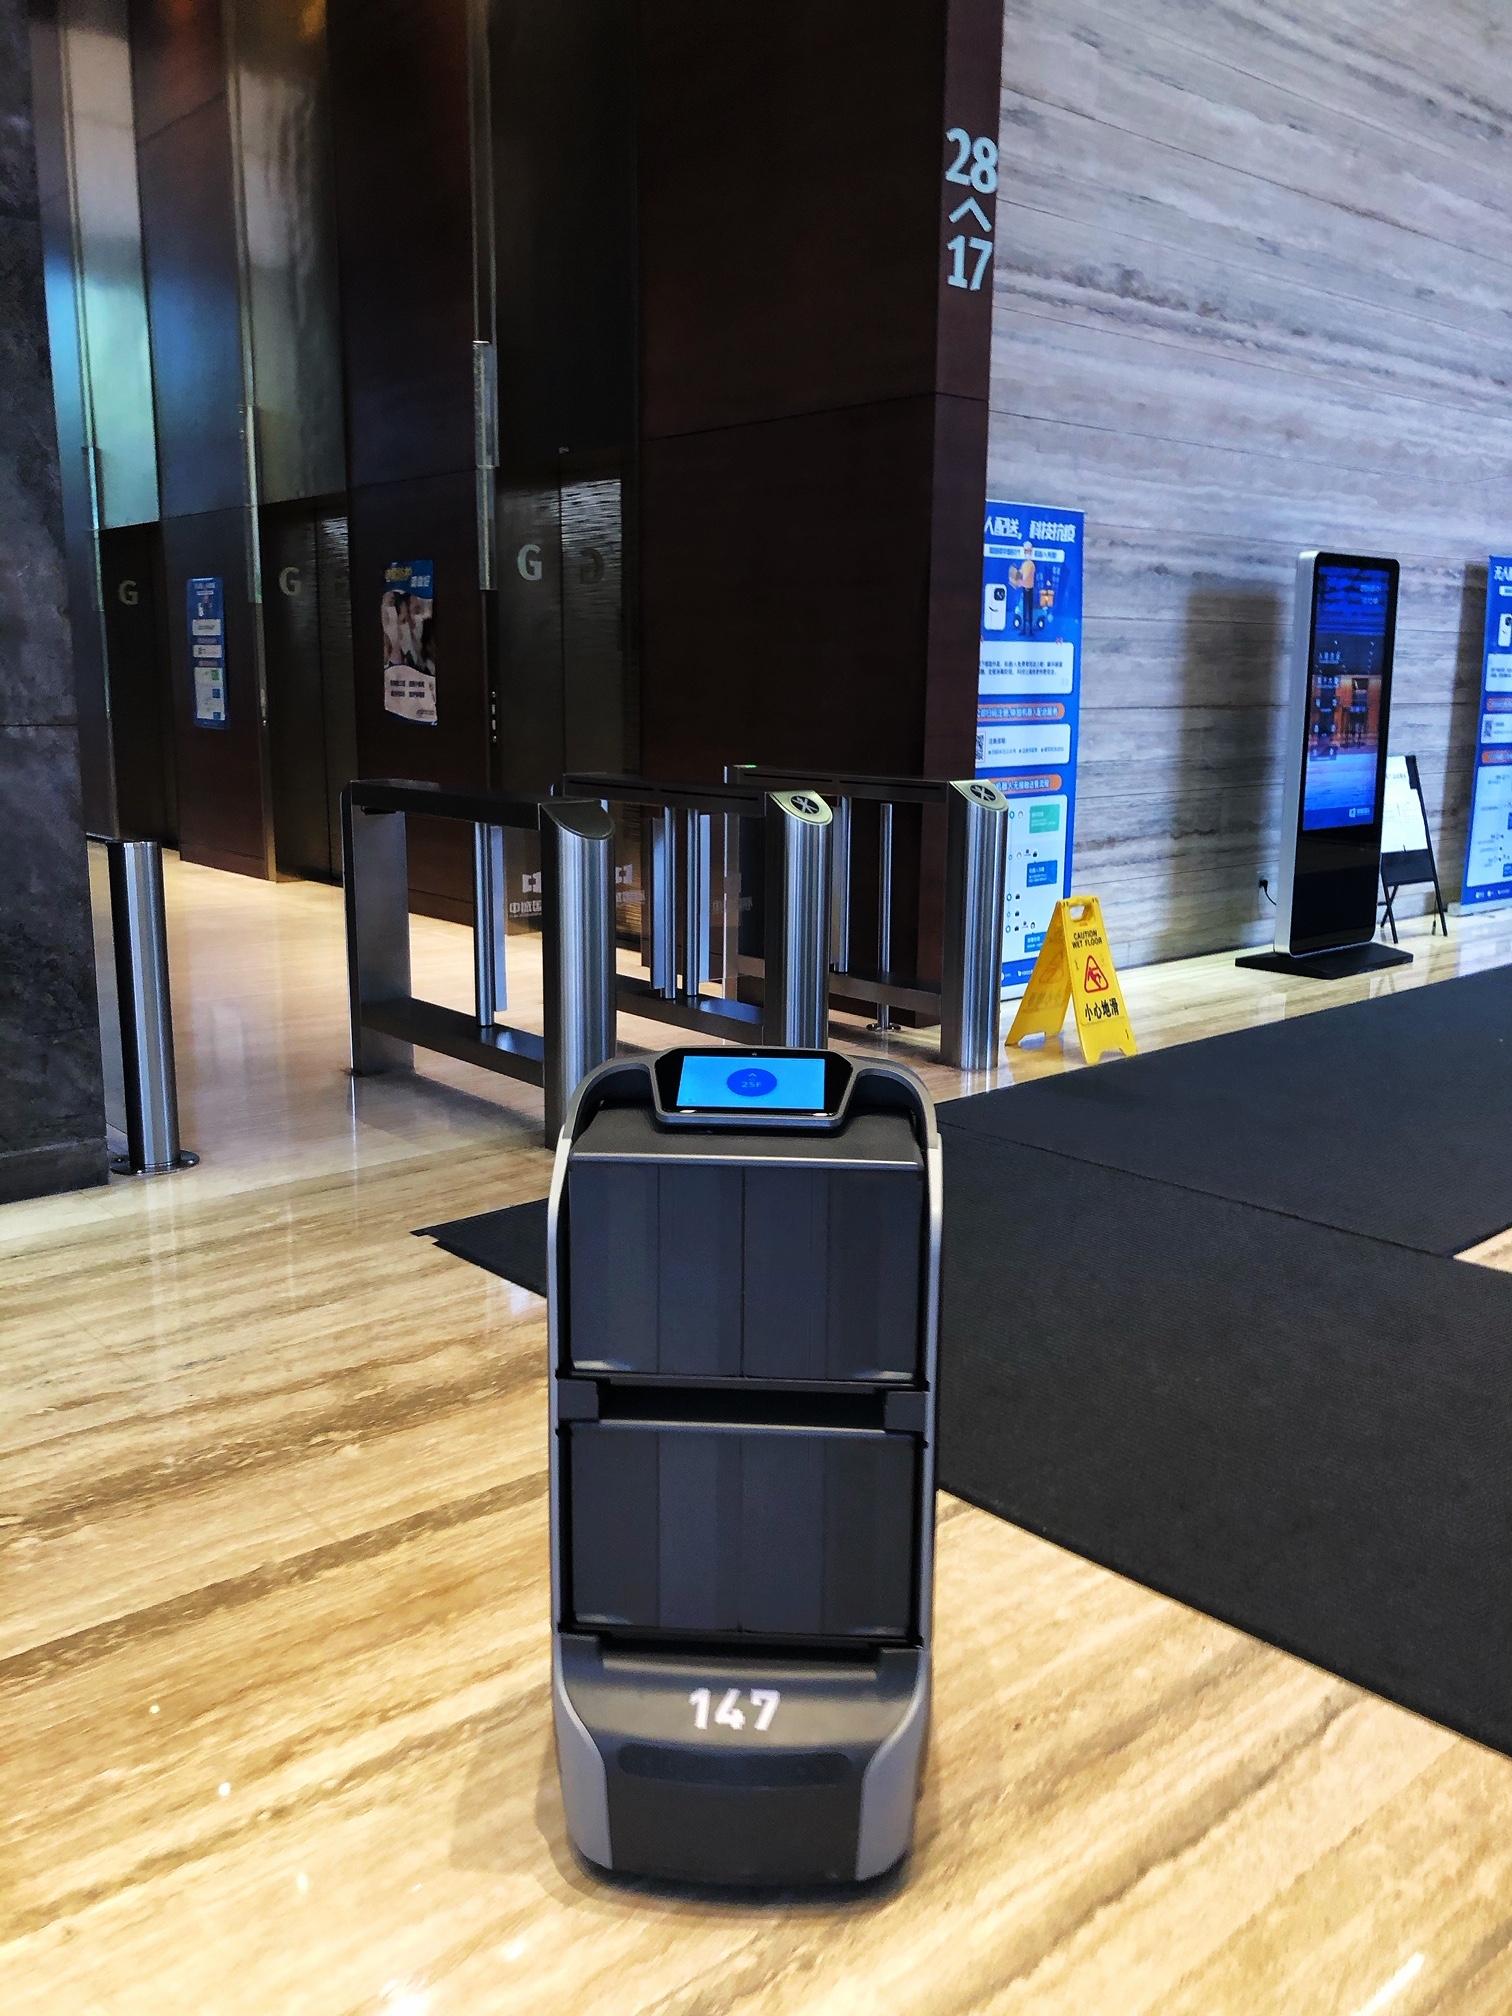 上海•建物内を自由自在に動きまわる配送ロボット(2020年3月31日撮影)